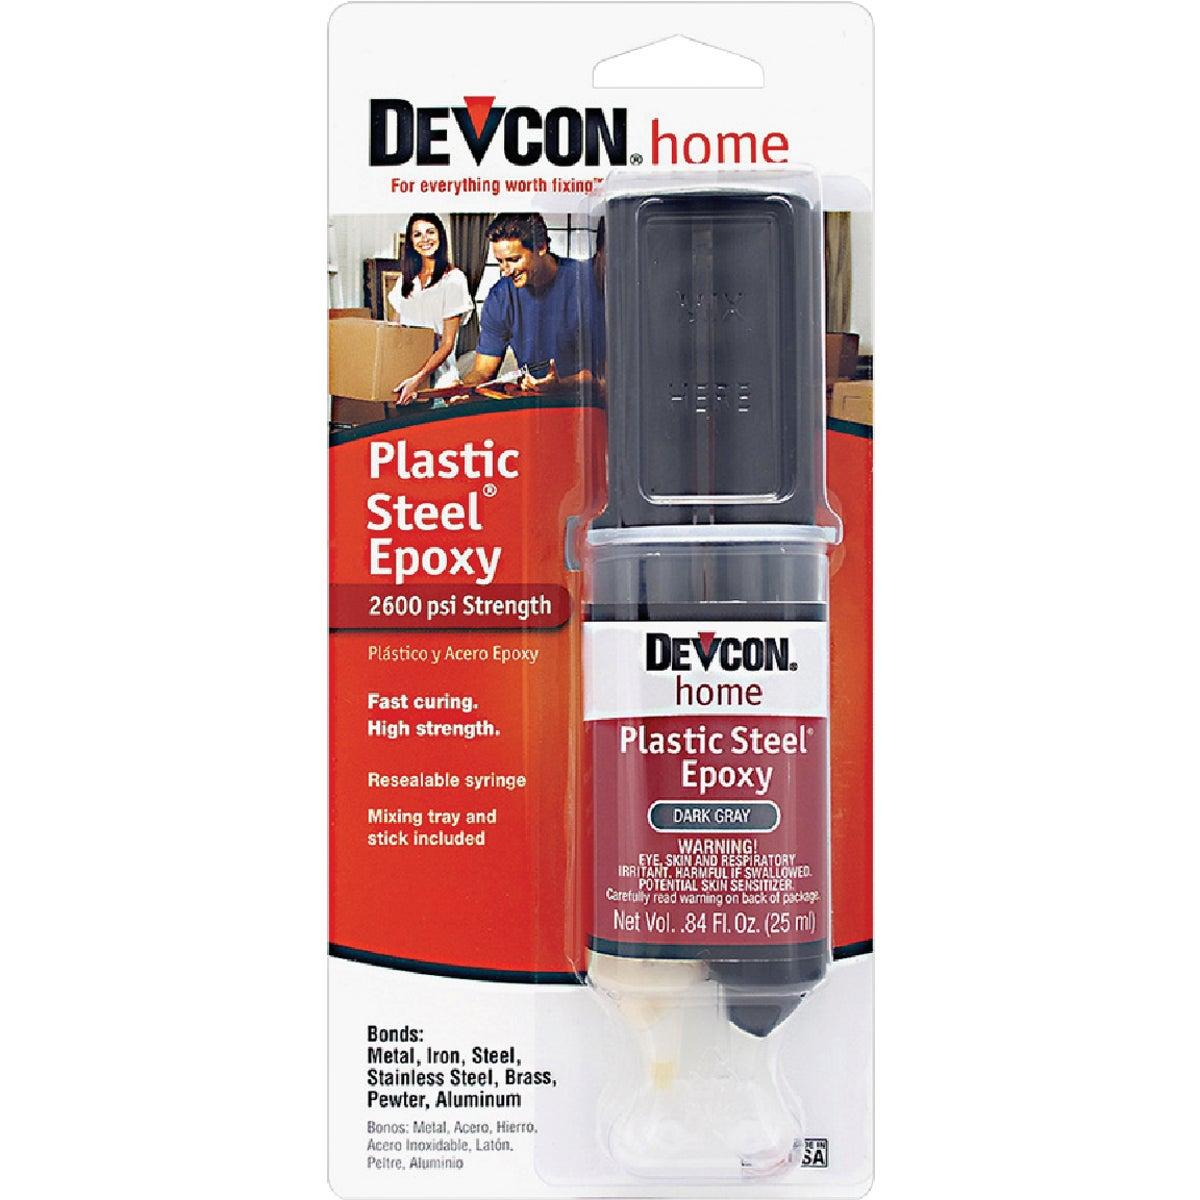 ITW Consumer/ Devcon PLASTIC STEEL EPOXY S-6